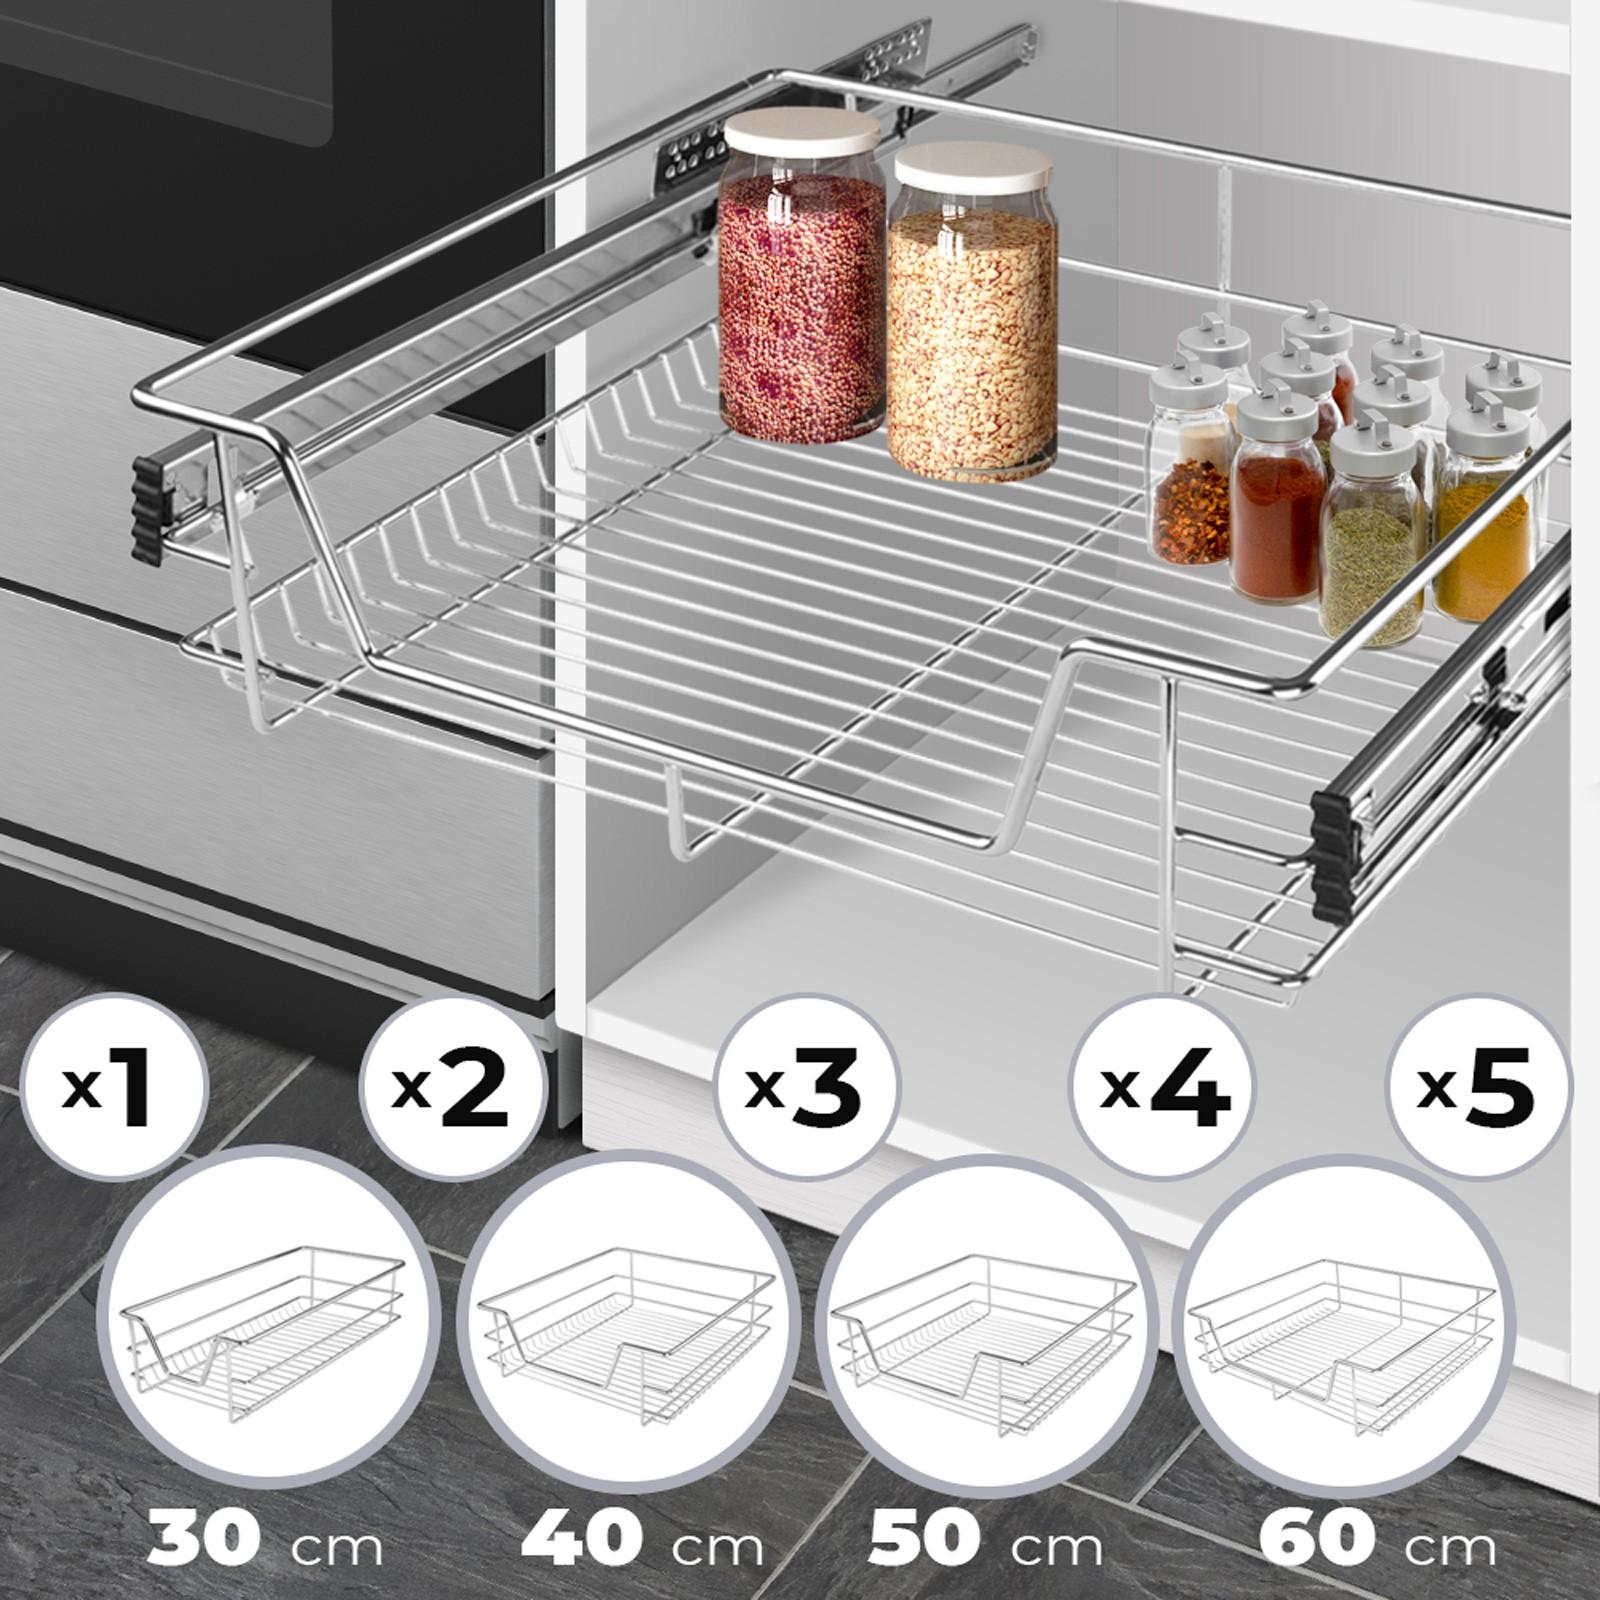 Cestelli Estraibili Per Mobili Da Cucina.Dettagli Su Cestelli Estraibili Da Cucina 30 50 60cm Cassetto Telescopico Cestello Supporto